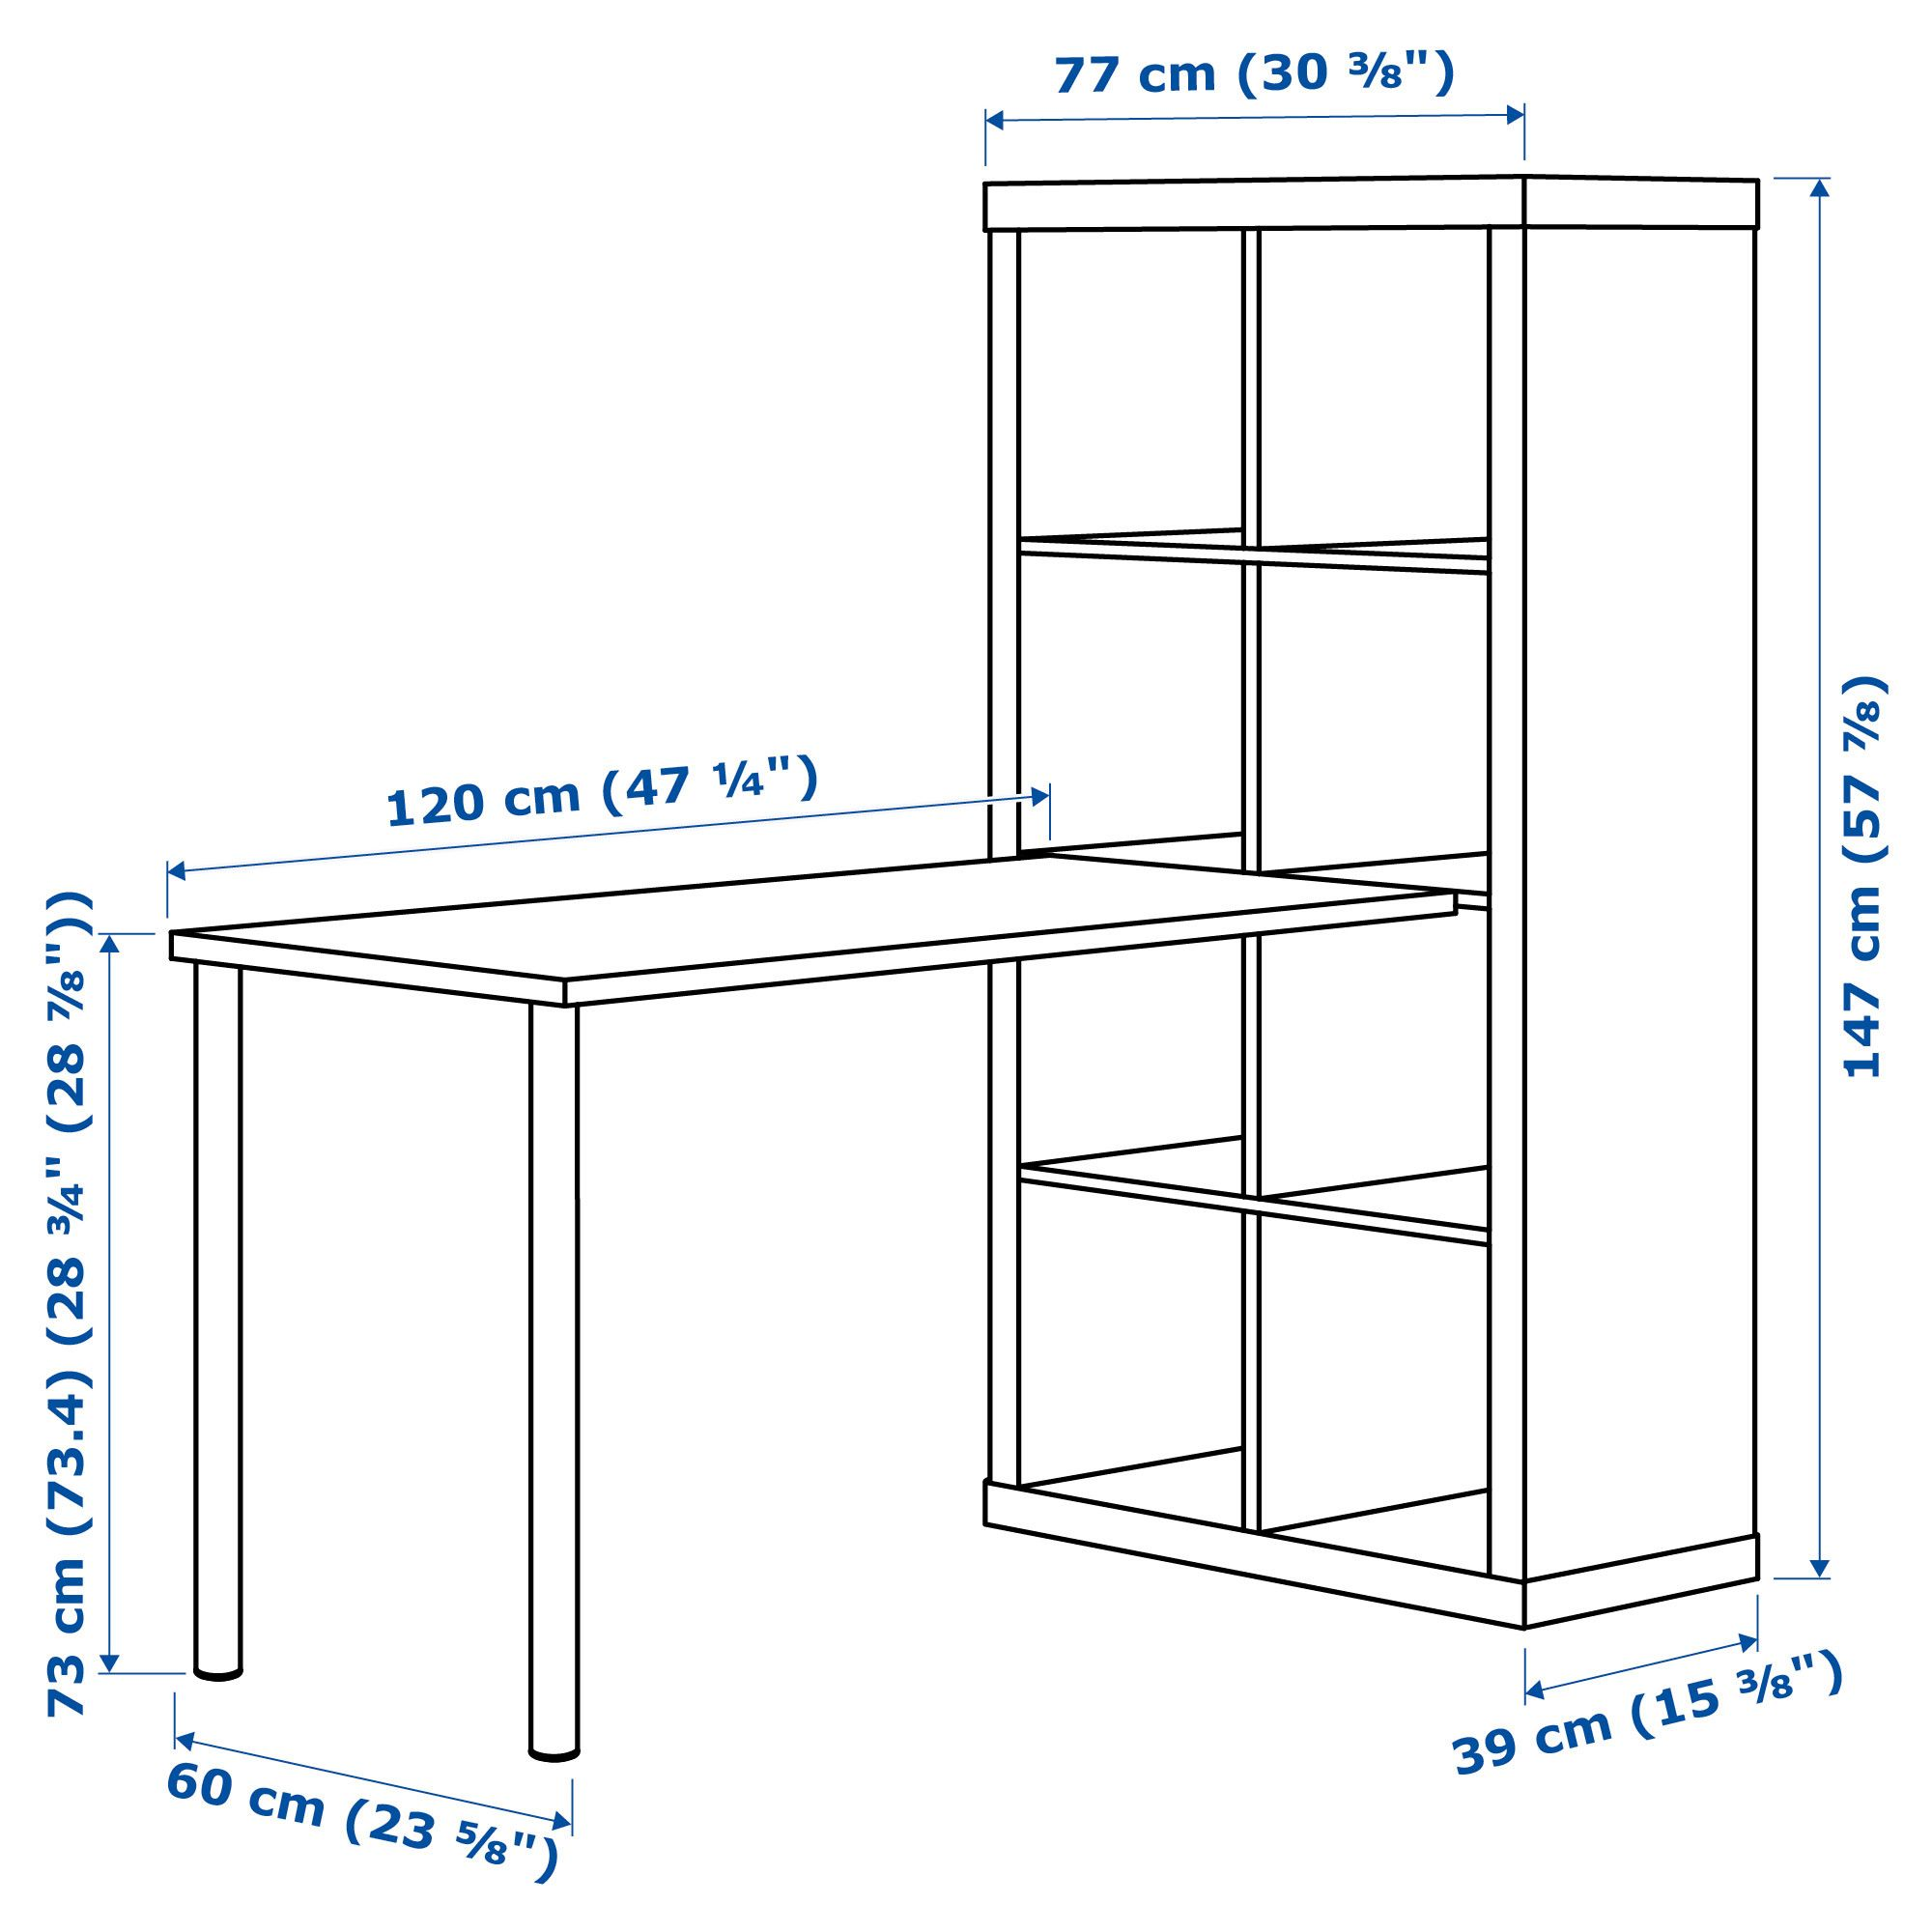 Scrivania Alve Di Ikea.Ikea Kallax White Stained Oak Effect White Workstation In 2019